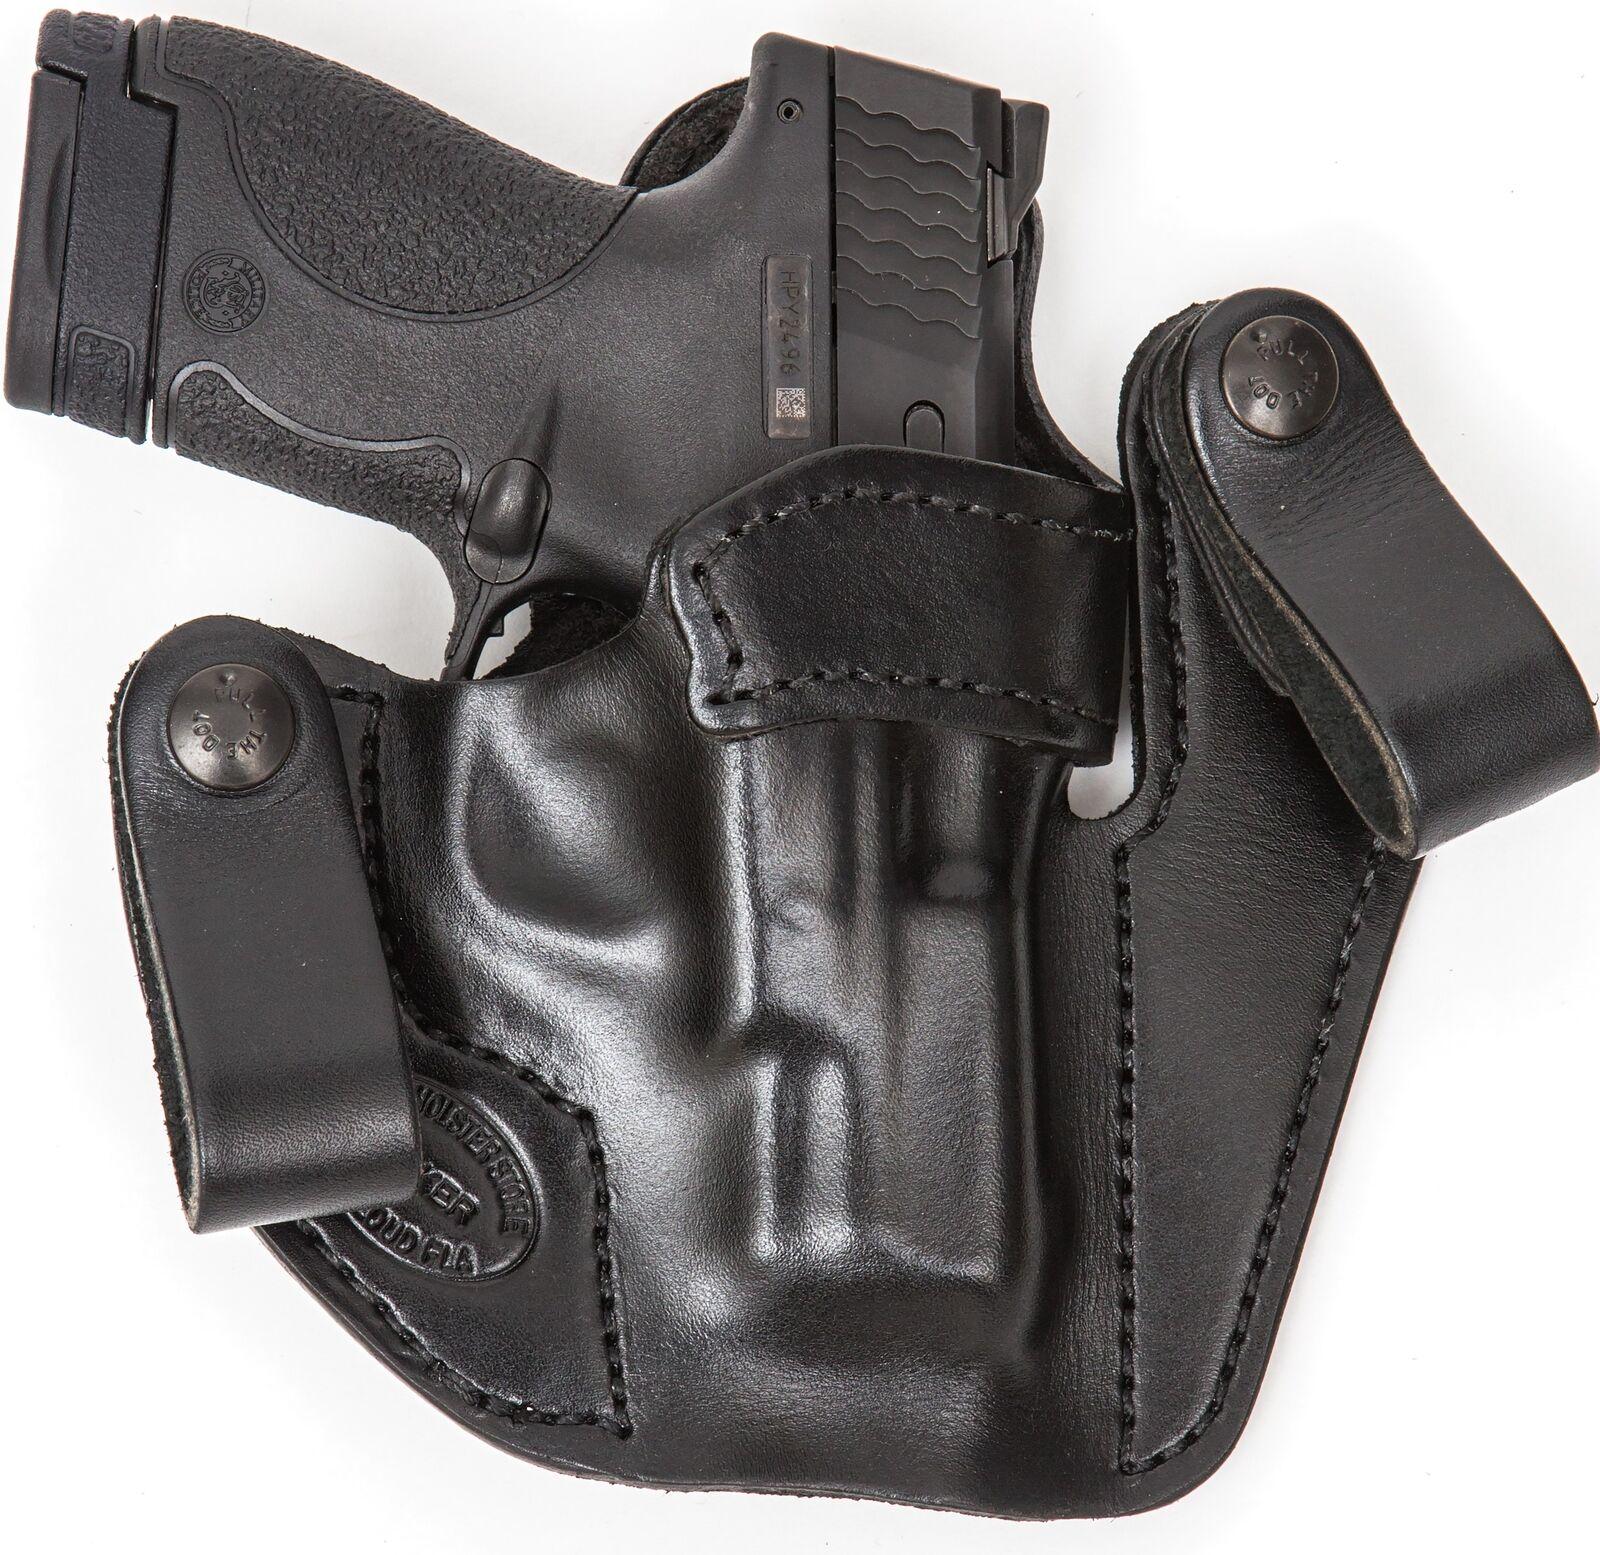 XTREME llevar RH LH dentro de la cintura de cuero Funda Pistola Para Glock 43 con laserguard Compacto